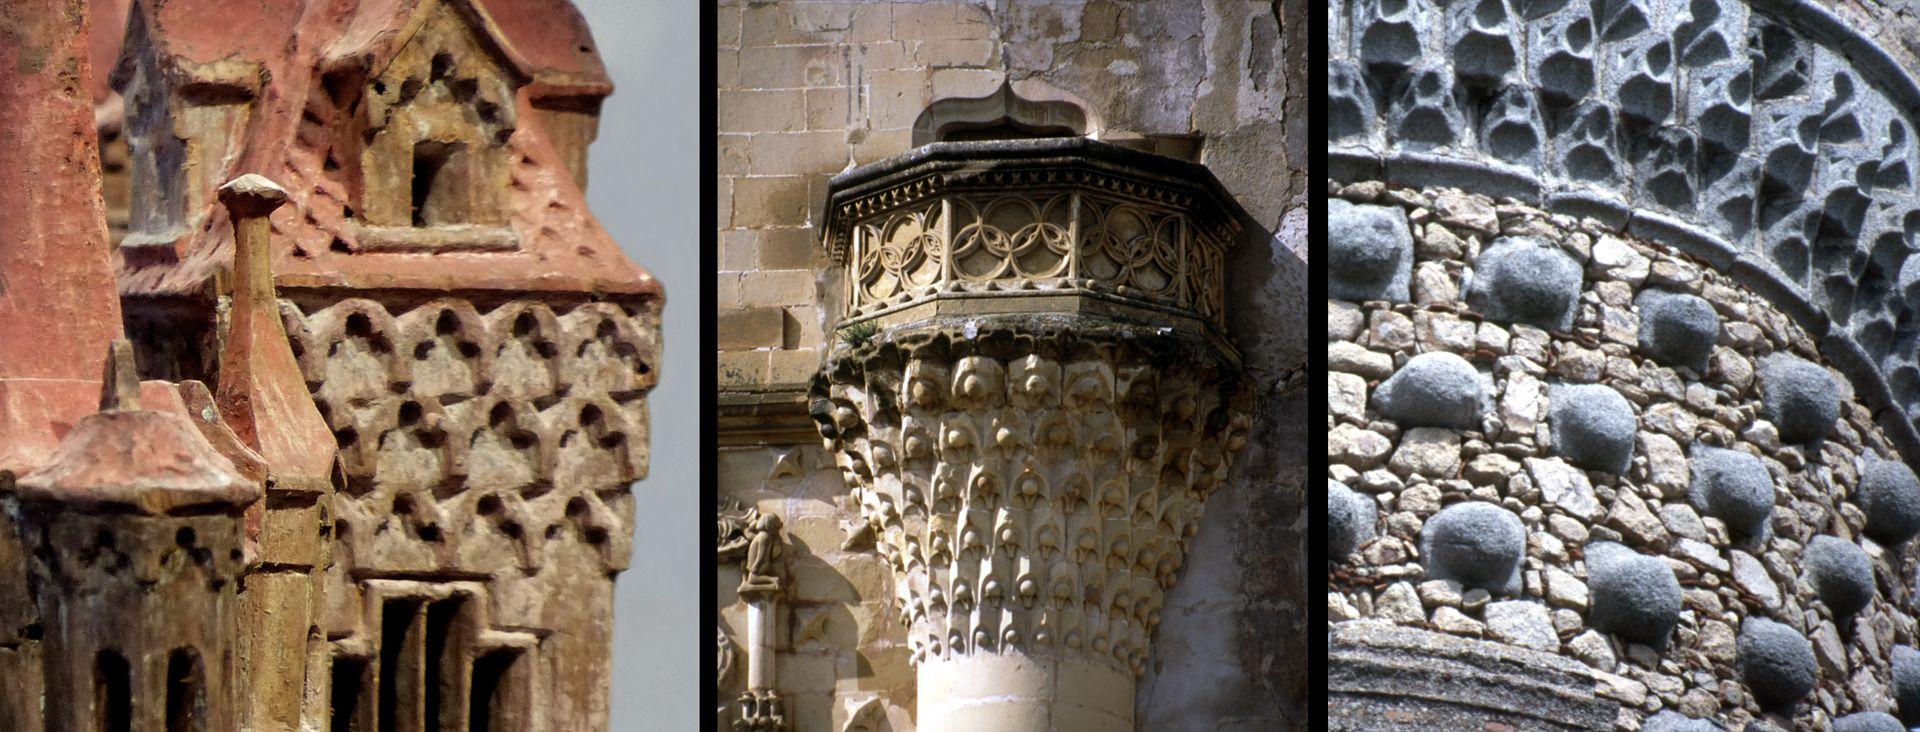 Modell einer Ritterburg Vergleich, Burgmodelldetail, Balkon des Stadtpalastes Jabalquinto in Baeza (dieser zeigt Muqarnas) und Turmdetail in Real de Manzanares